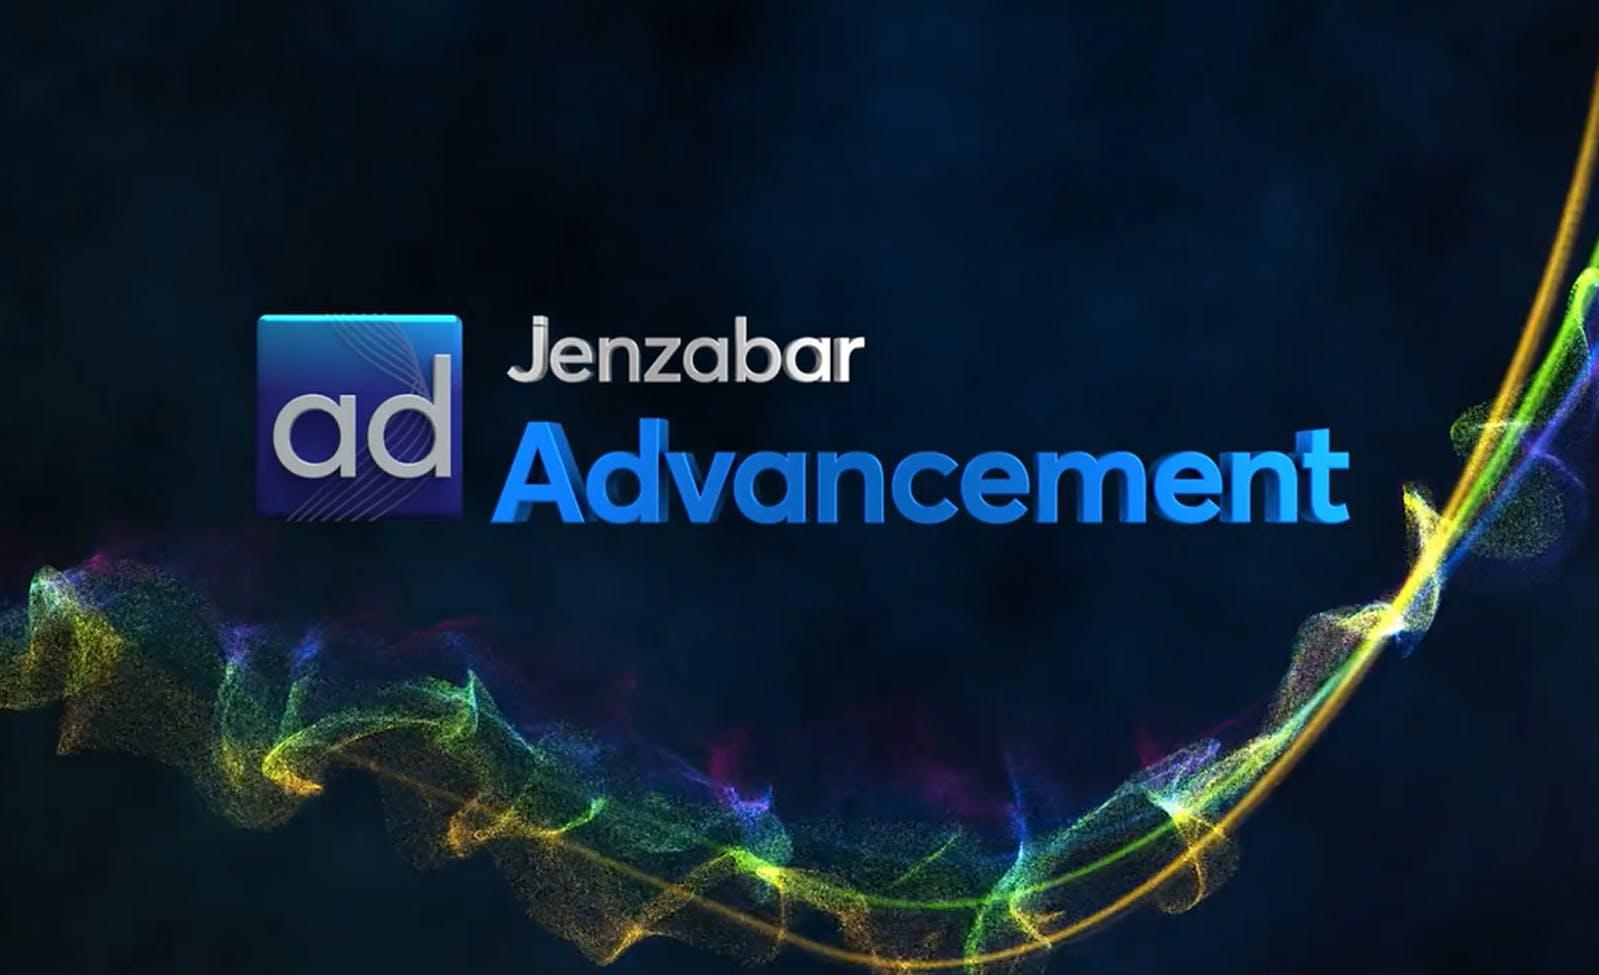 Jenzabar Advancement Overview